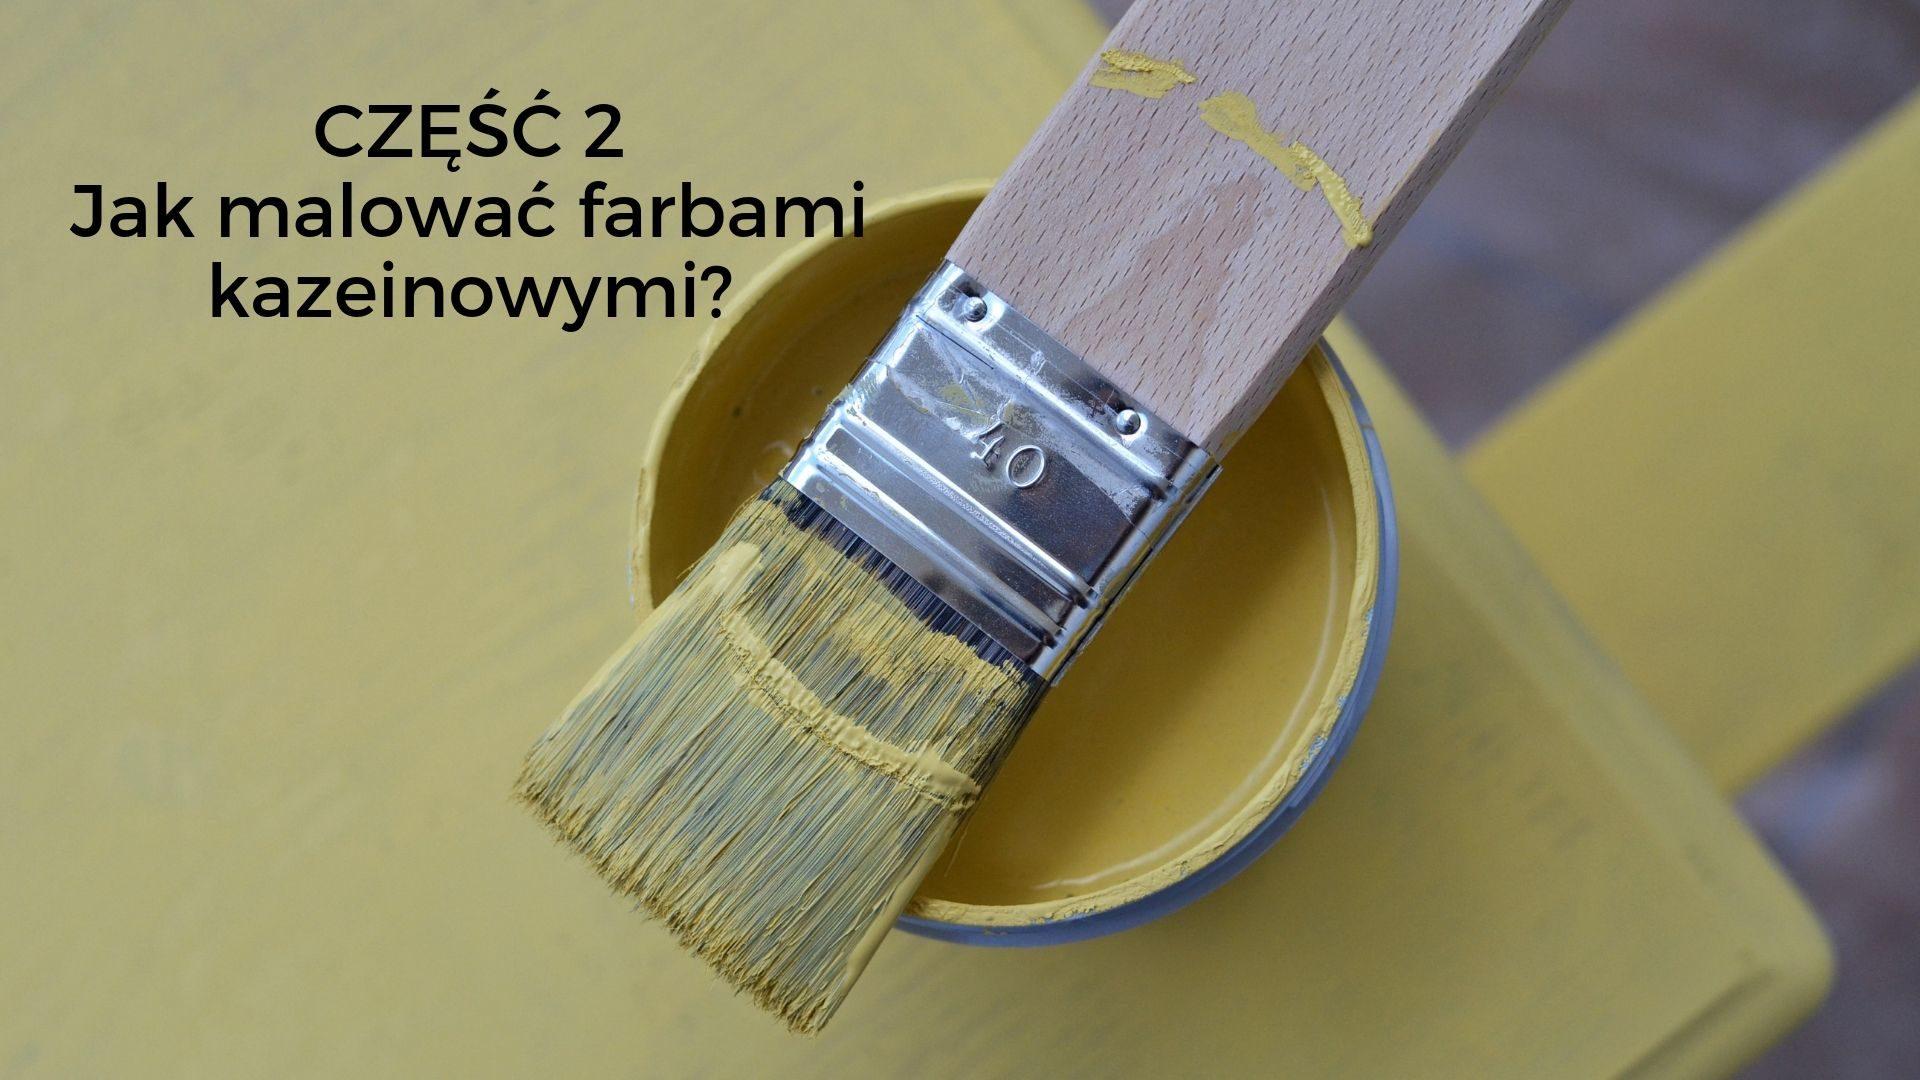 Samouczek renowacji mebli – farba kazeinowa – co to za farba i jak nią malować?